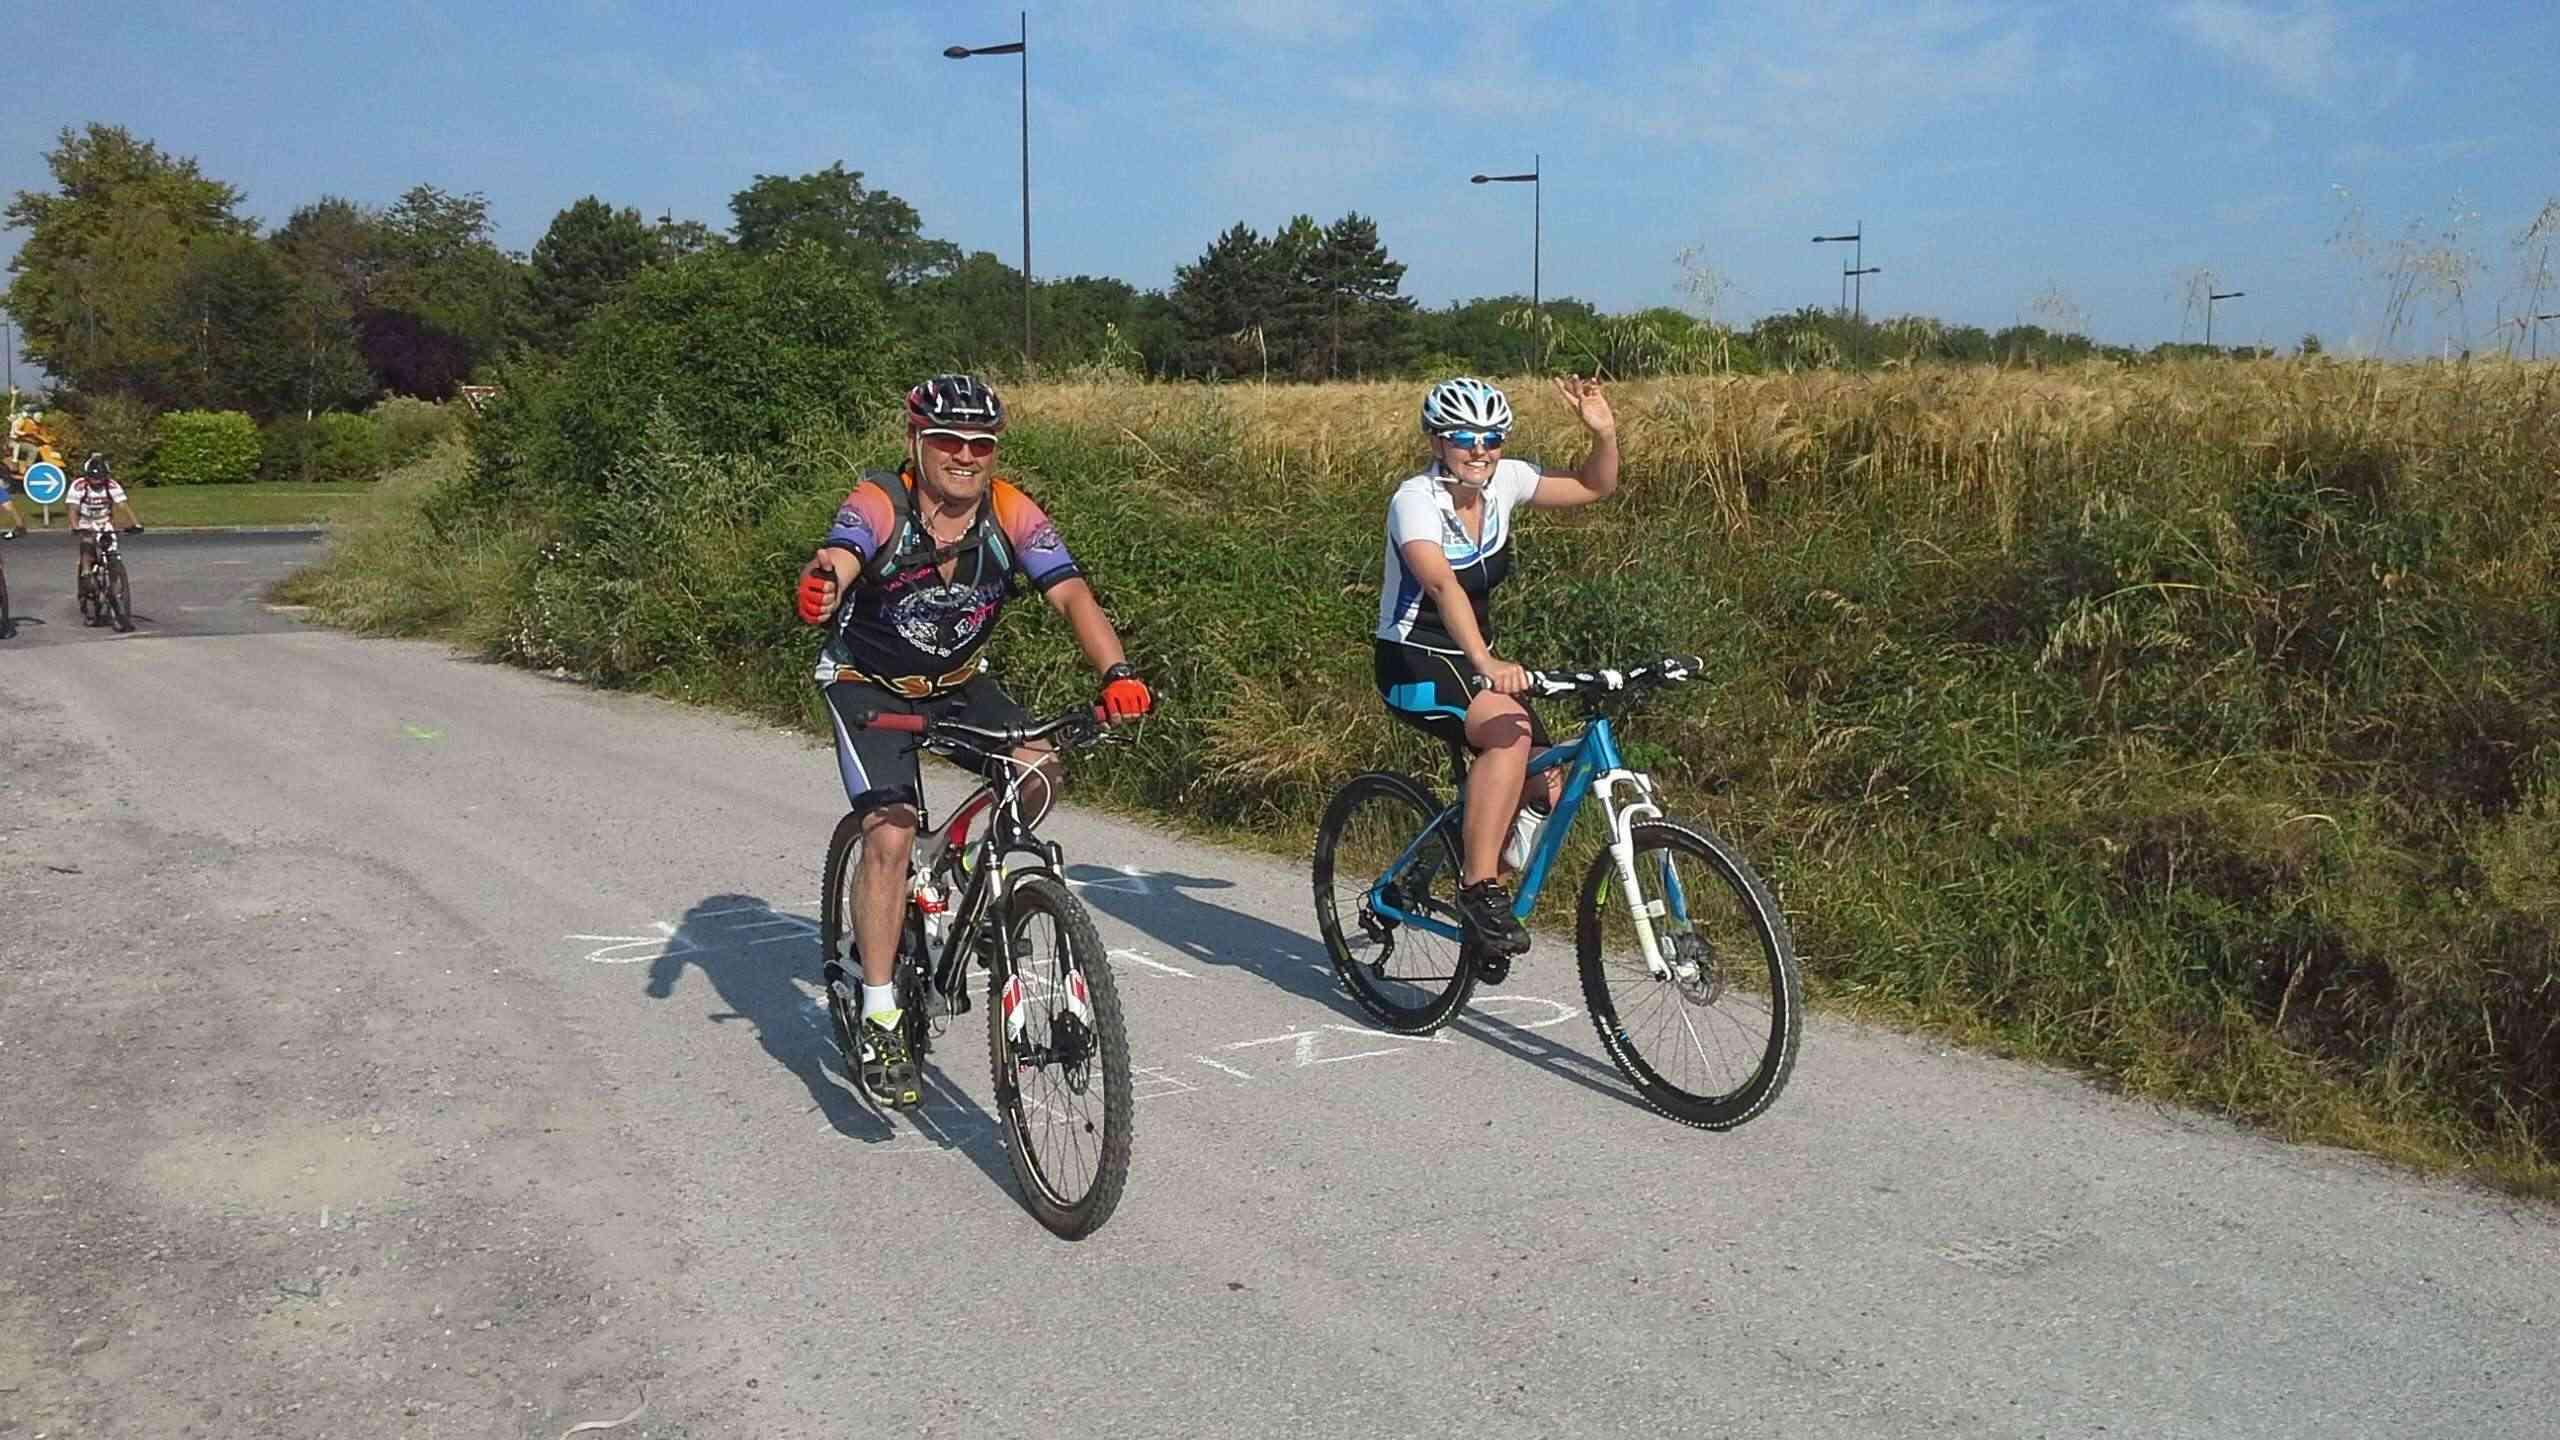 St Quentin fête du vélo 22/06/14 - Page 2 20140632